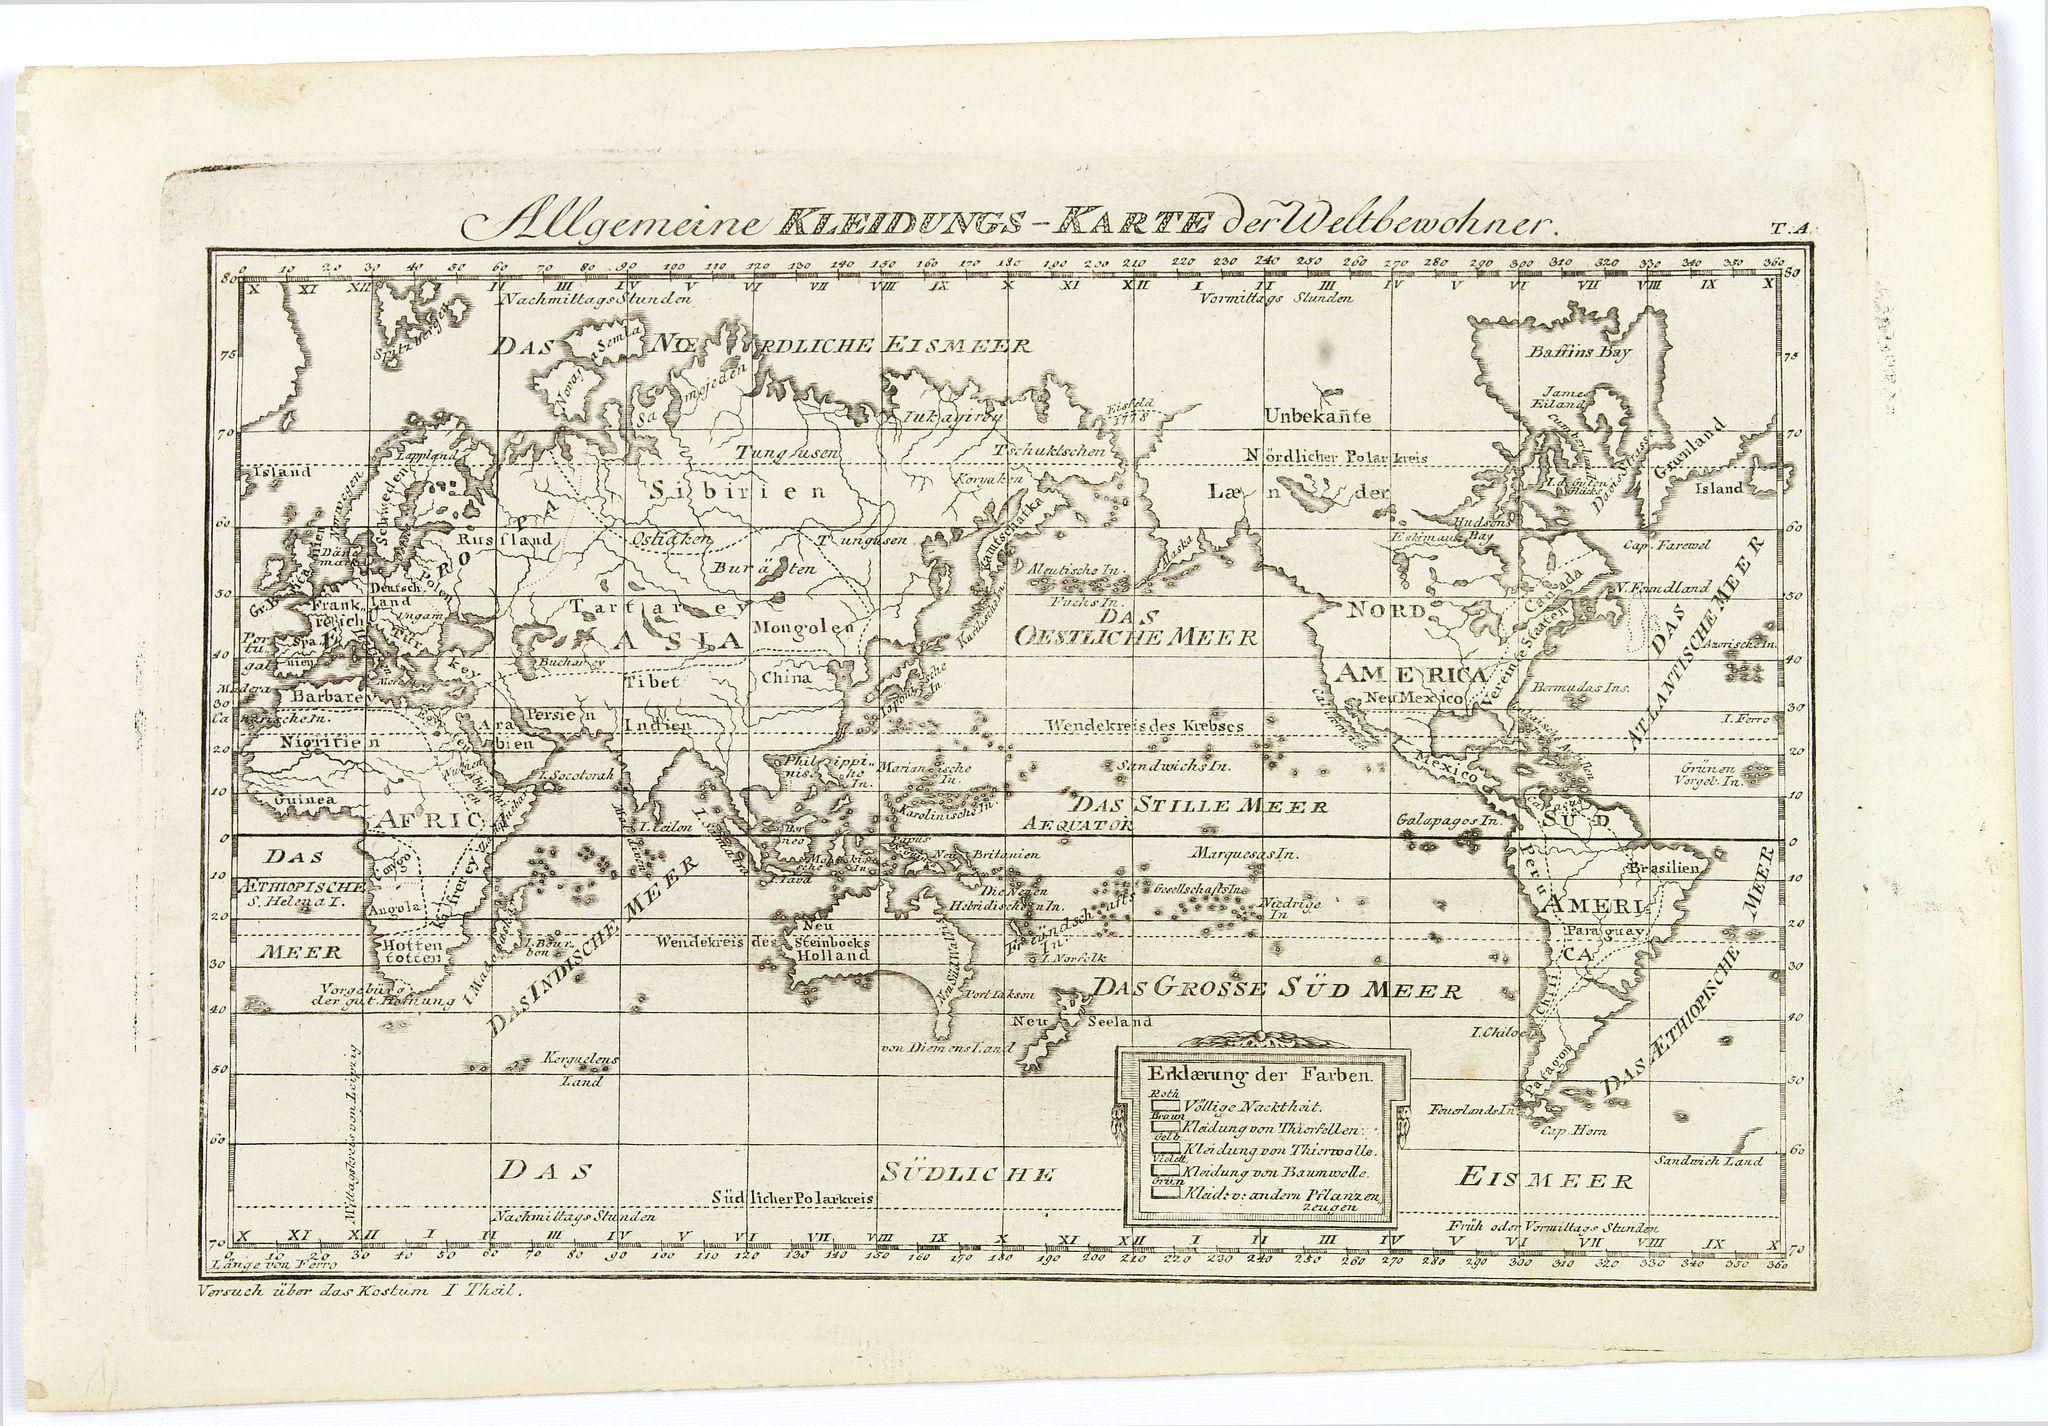 THEIL. - Allgemeine Kleidungs-Karte der Weltbewohner.